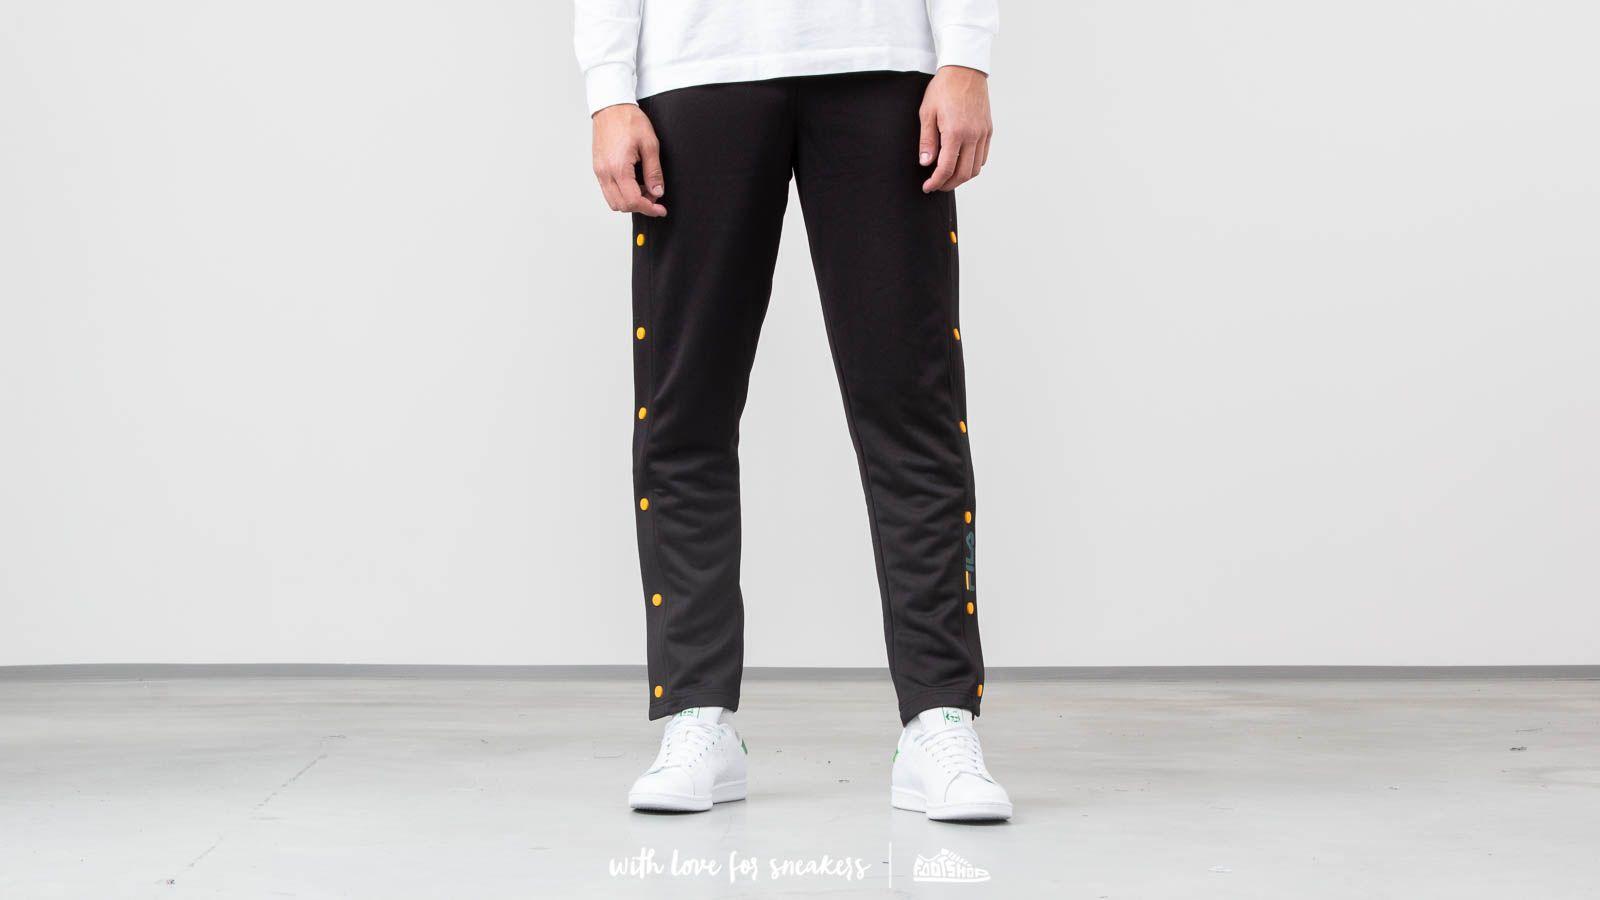 FILA Jay Full Tearaway Pants